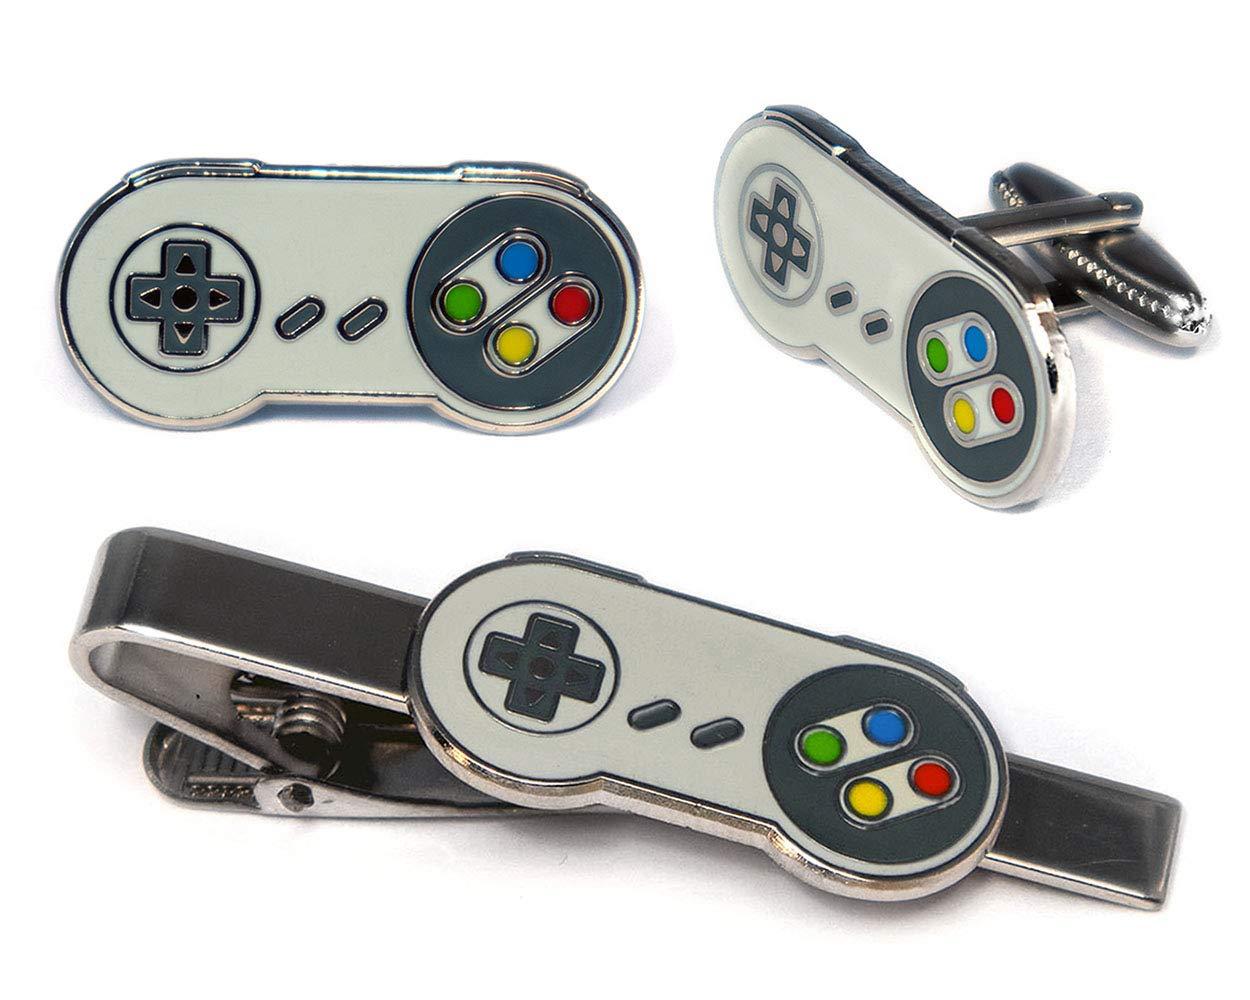 SNES Super Nintendo Tie Clip, NES Nintendo Controller Cufflinks, Retro Gaming Jewelry, SNES Cuff Links, Super Mario Brothers Legend of Zelda Metroid Wedding Groomsman Groomsmen Gifts